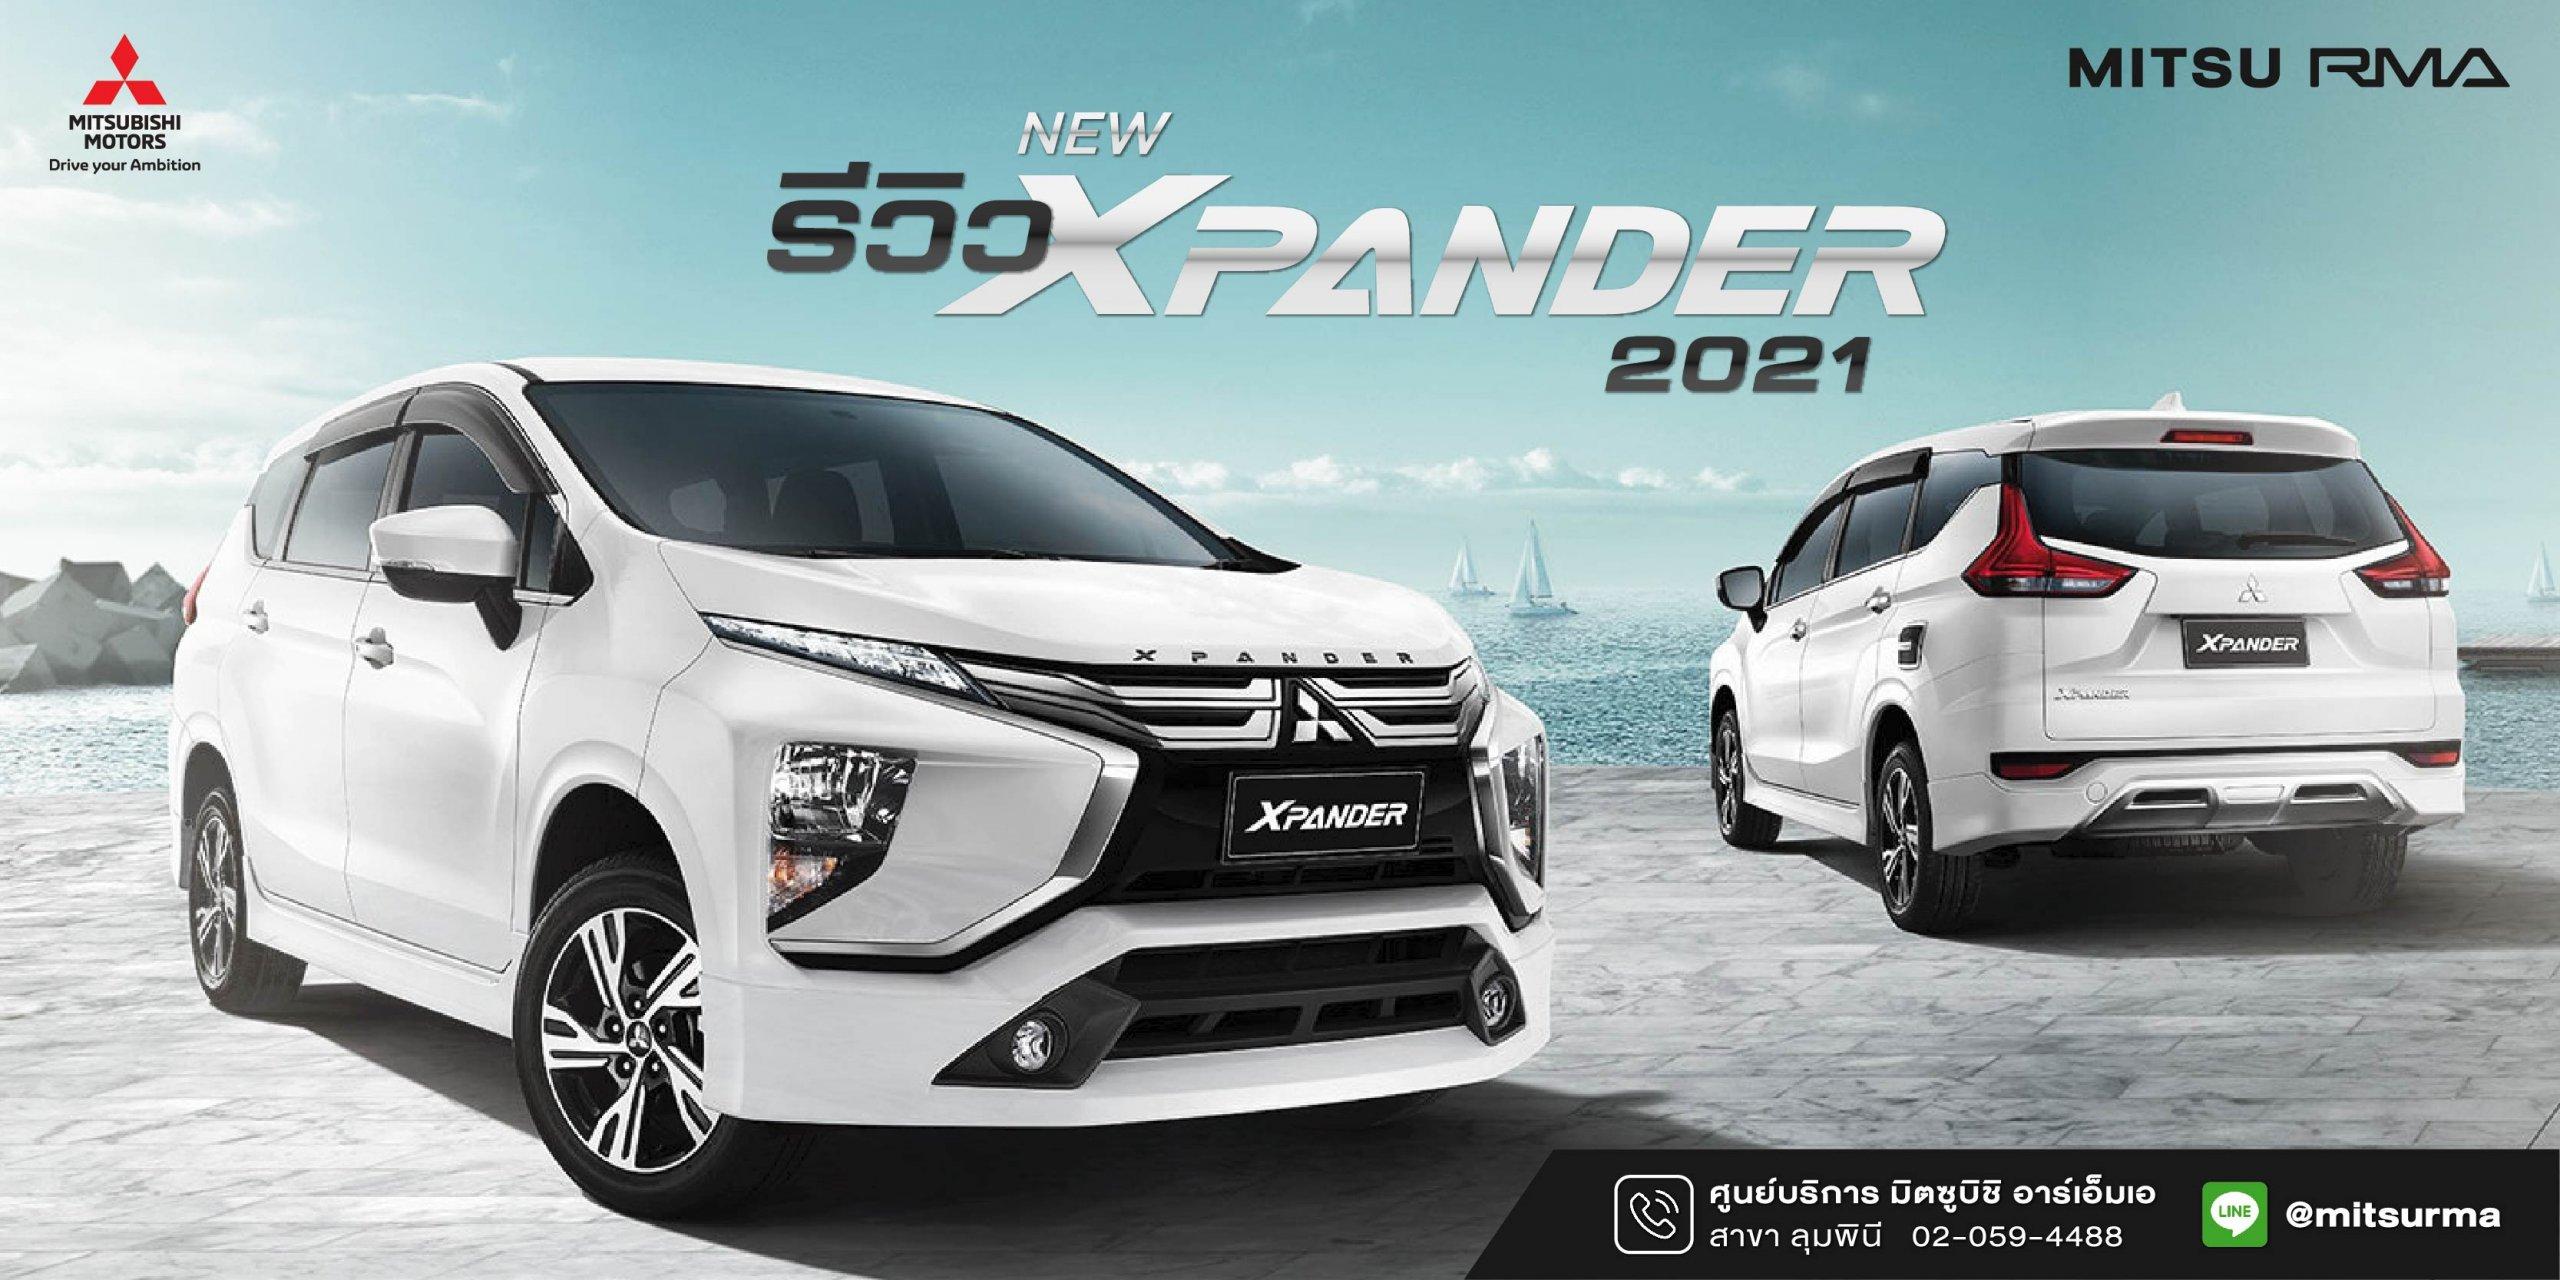 รีวิว รถมิตซู Xpander 2021 ไฮท์ไลท์ จุดเด่นที่ต้องซื้อ